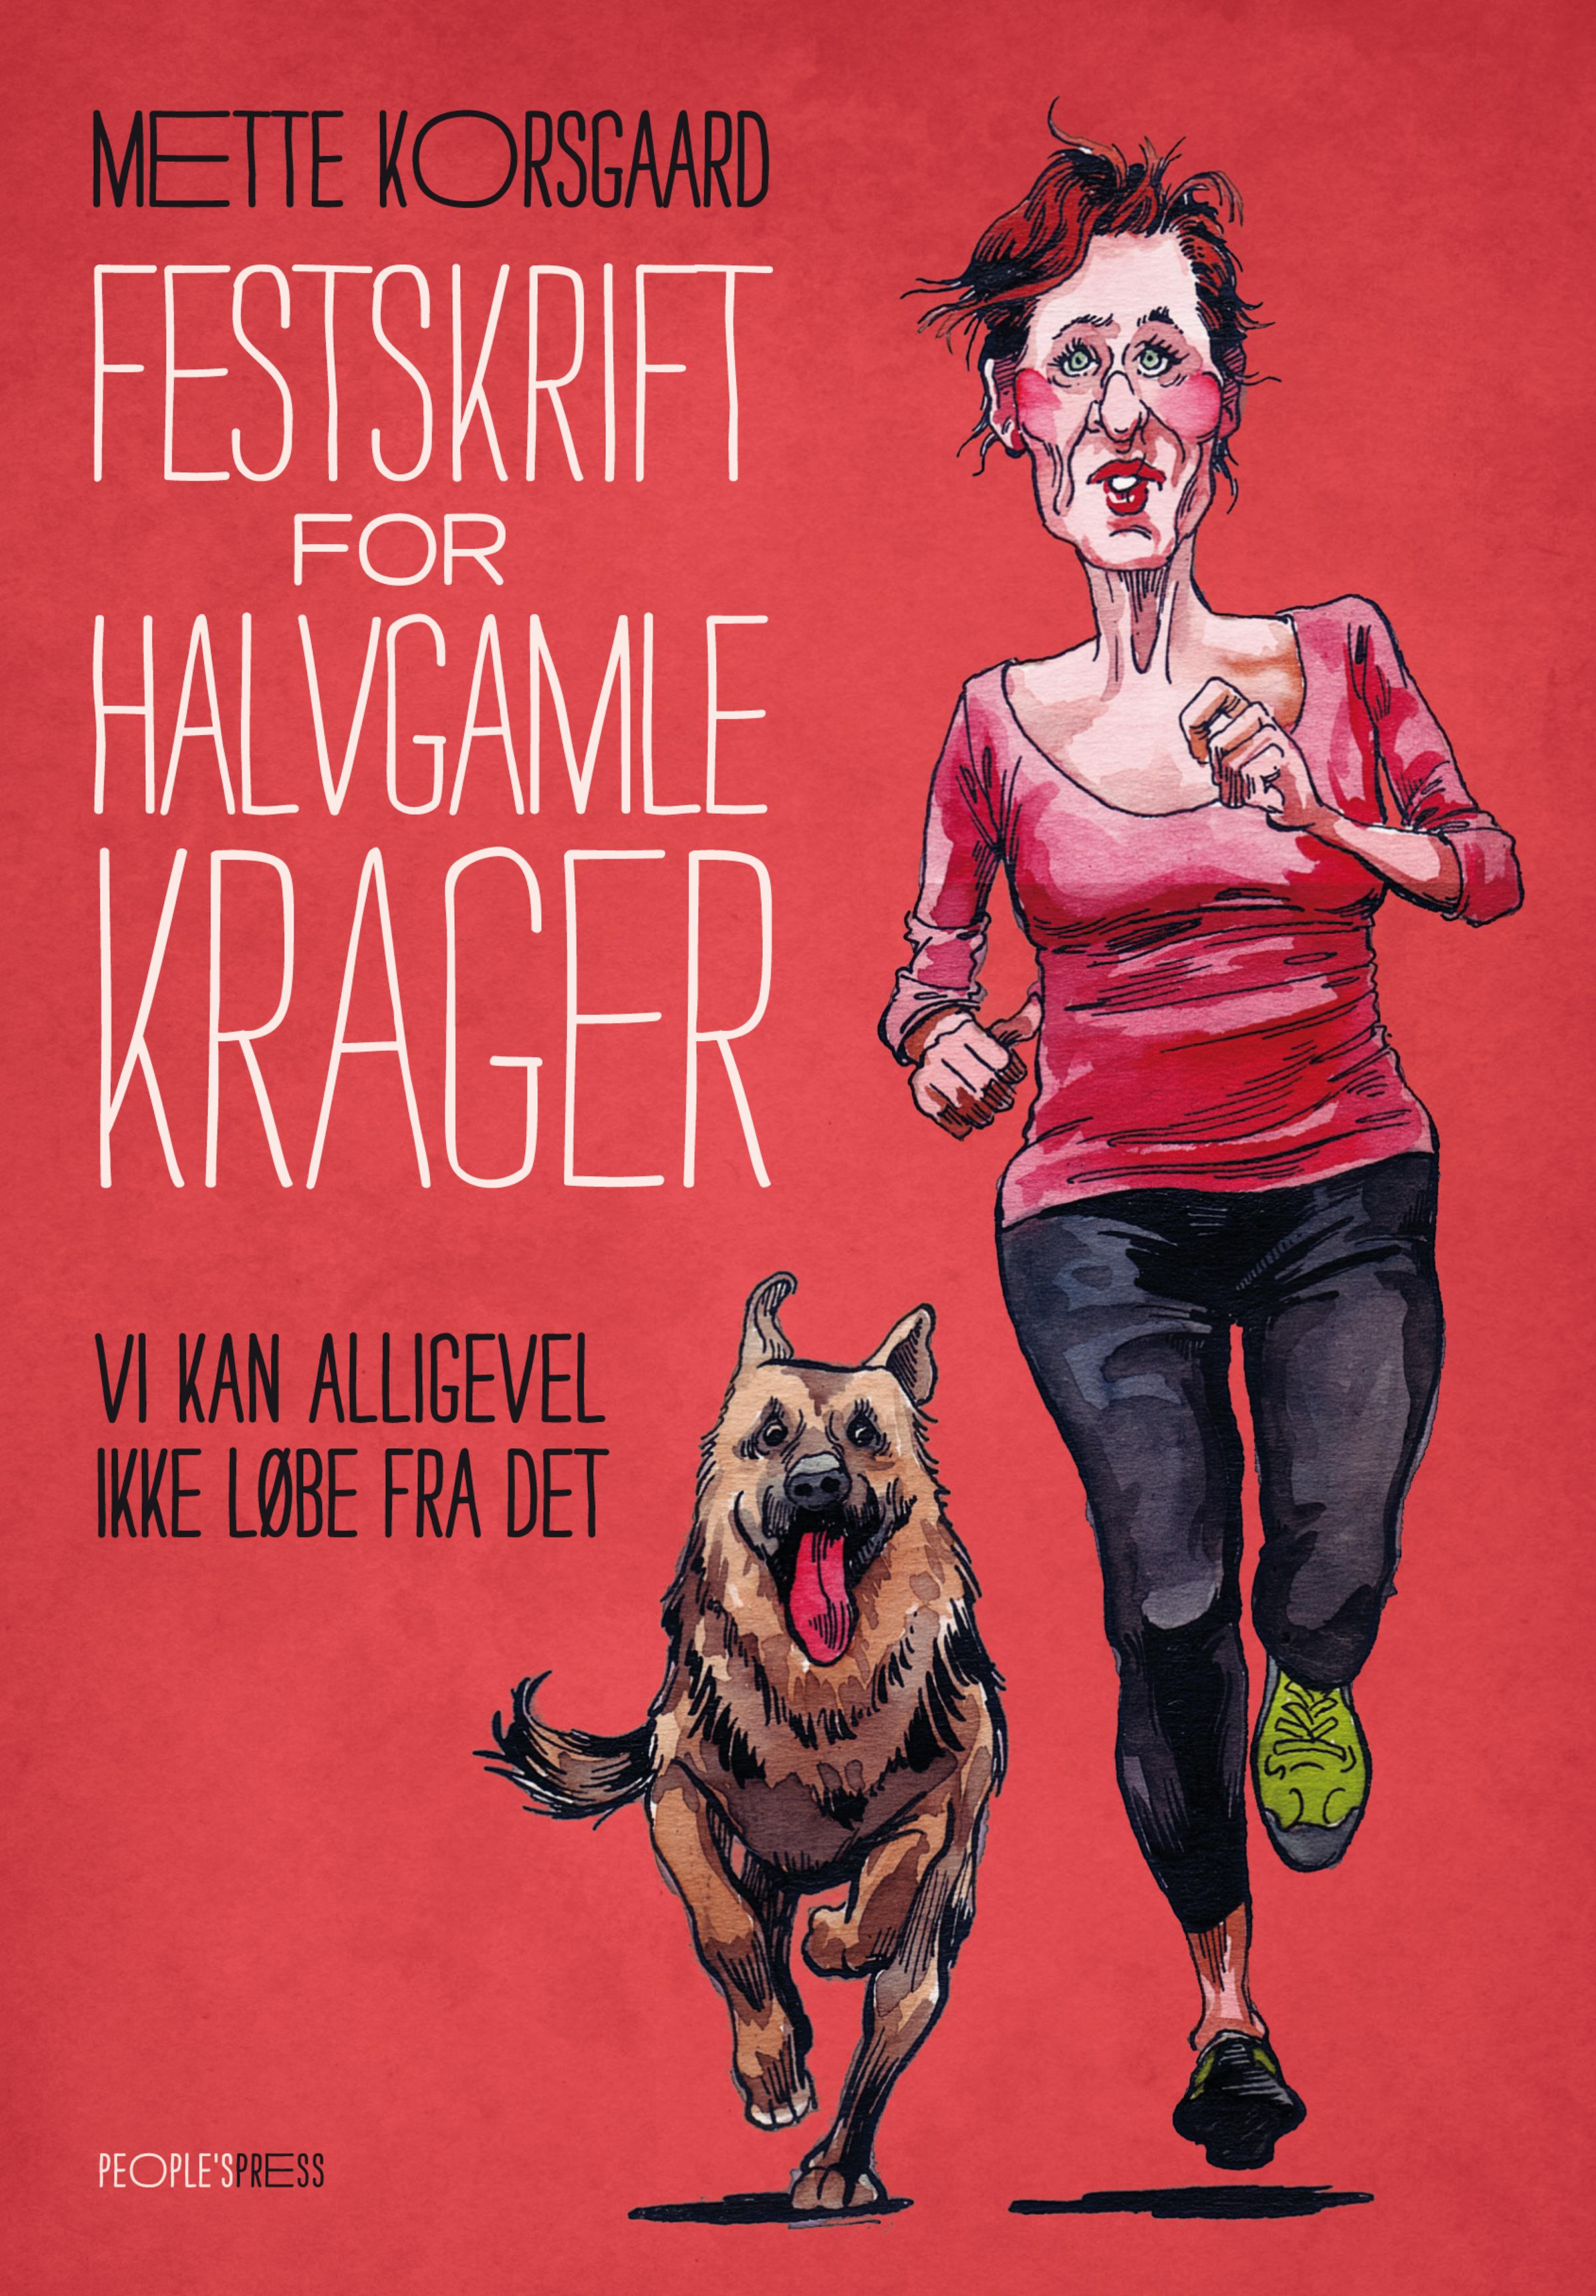 Festskrift for halvgamle krager - e-bog fra N/A fra bog & mystik